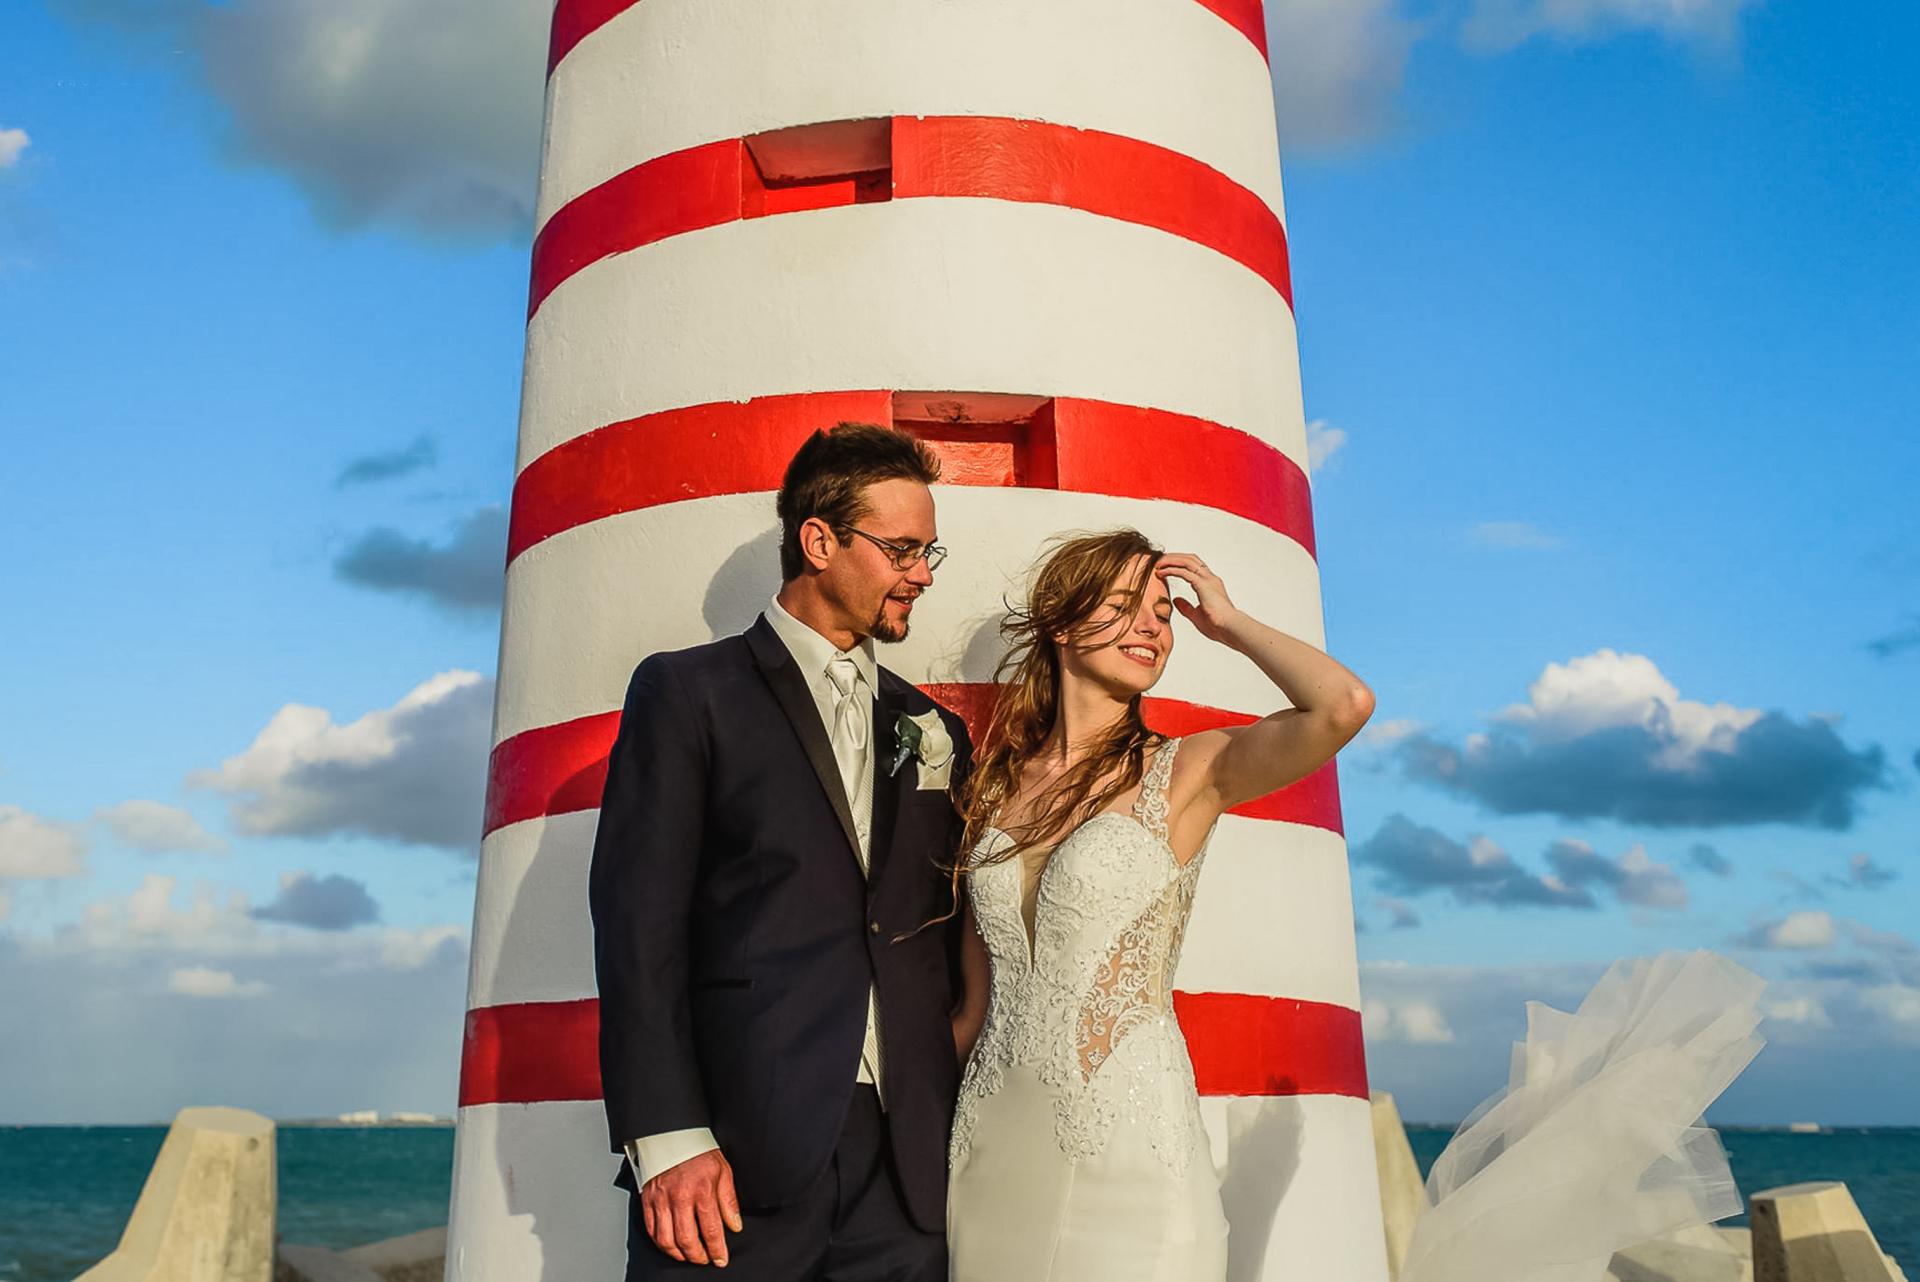 Retrato de casal de casamento na praia do méxico | a noiva e o noivo passam um breve momento perto do farol listrado da praia